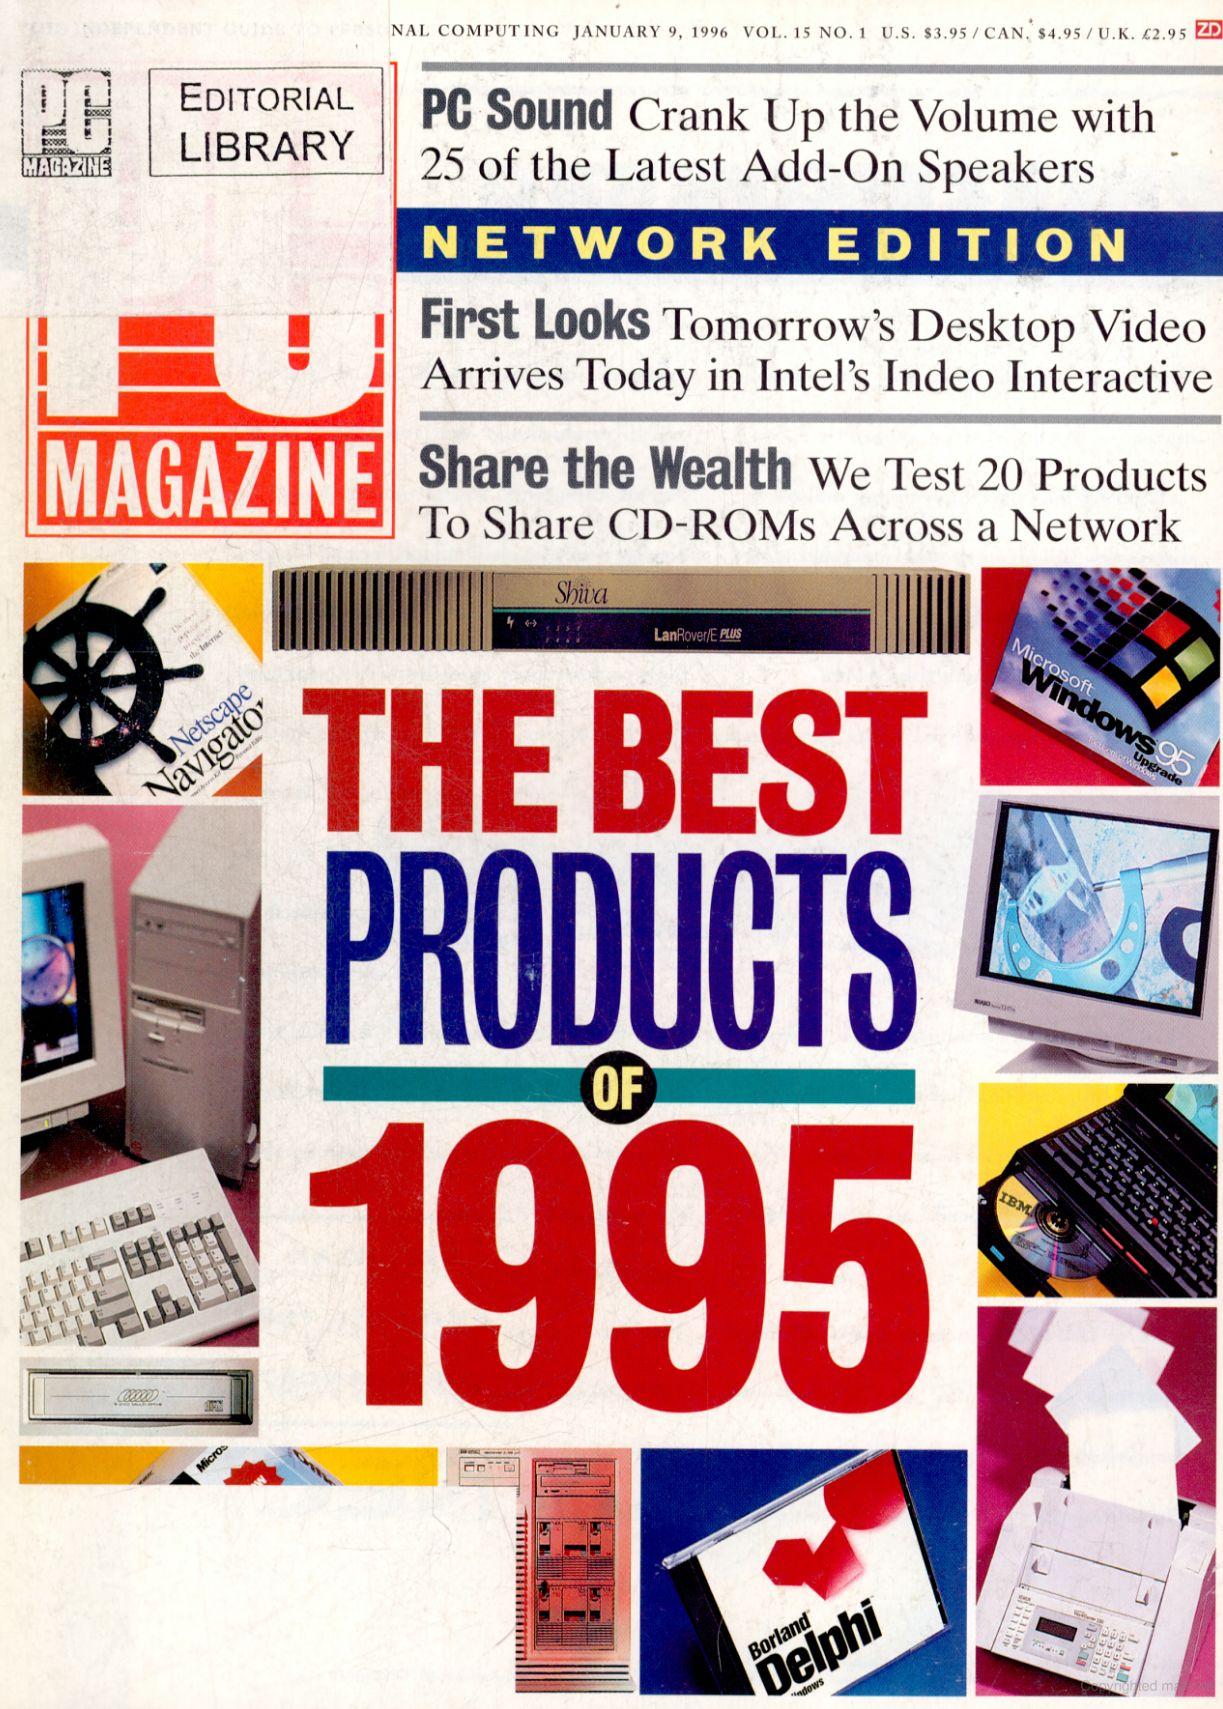 Древности: 20 лет компьютерных технологий в публикациях СМИ - 14